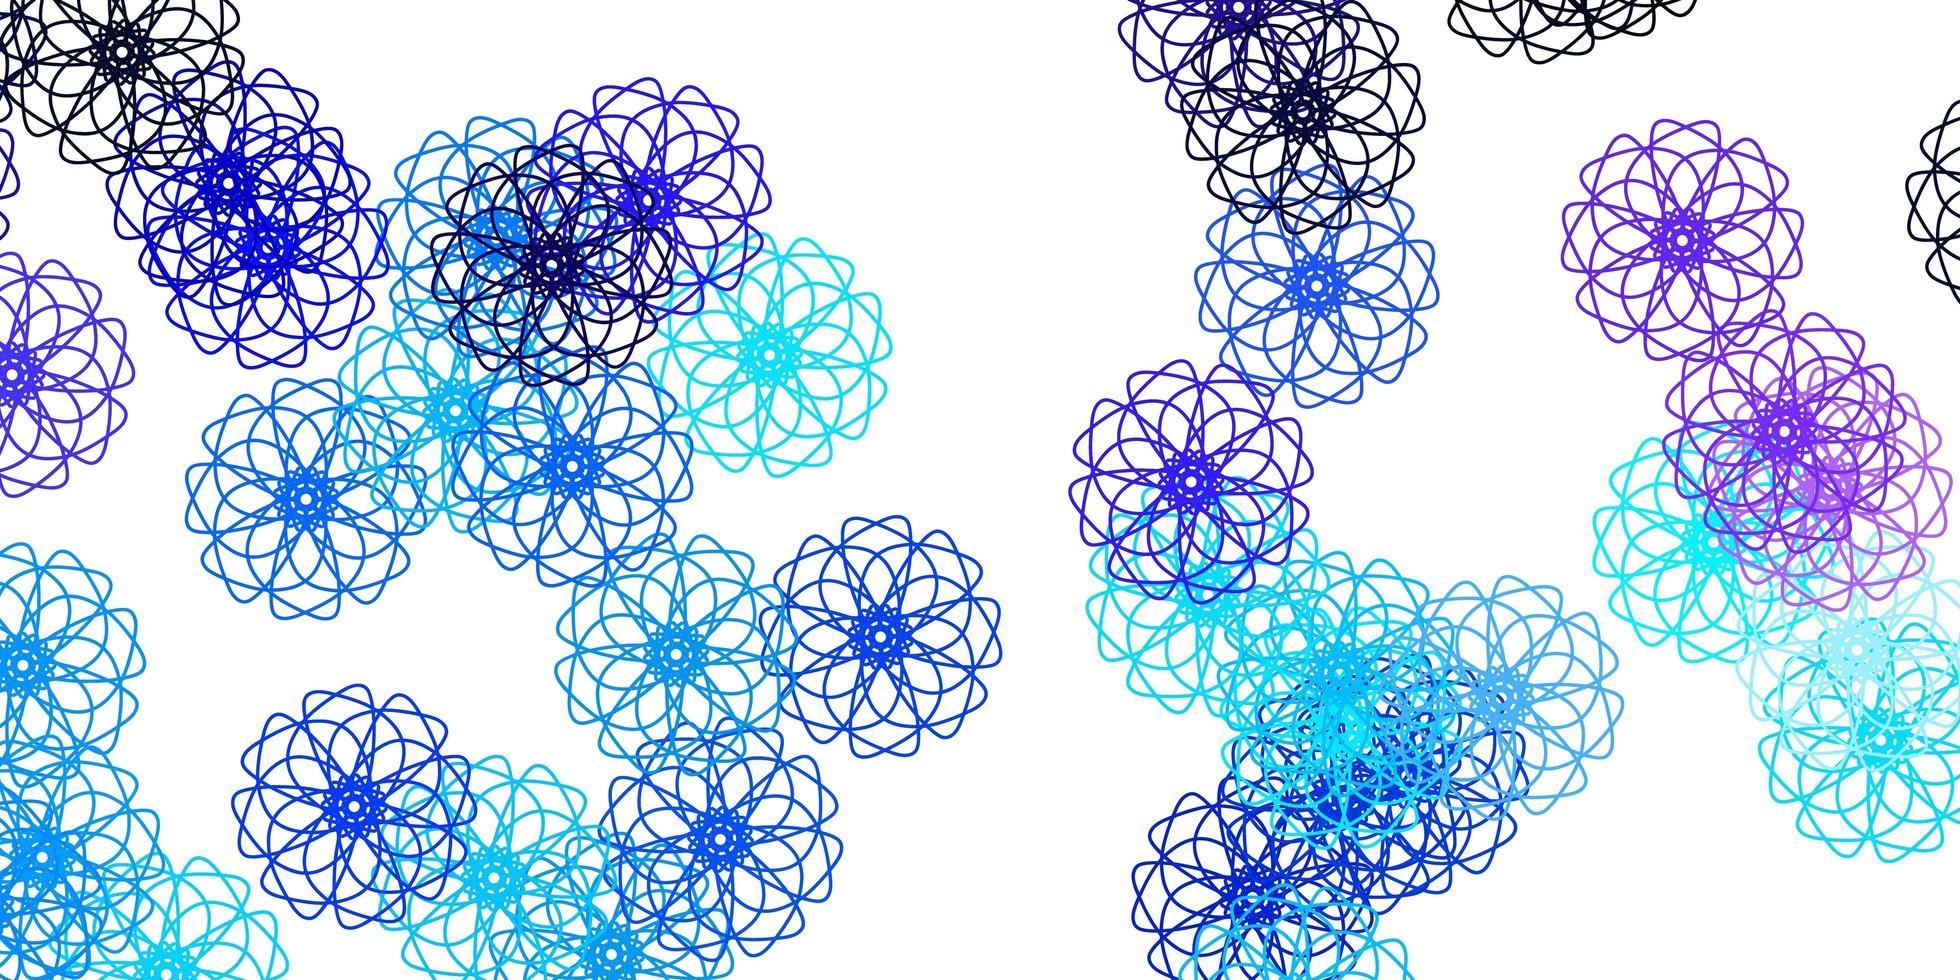 ljusrosa, blå vektor naturliga konstverk med blommor.